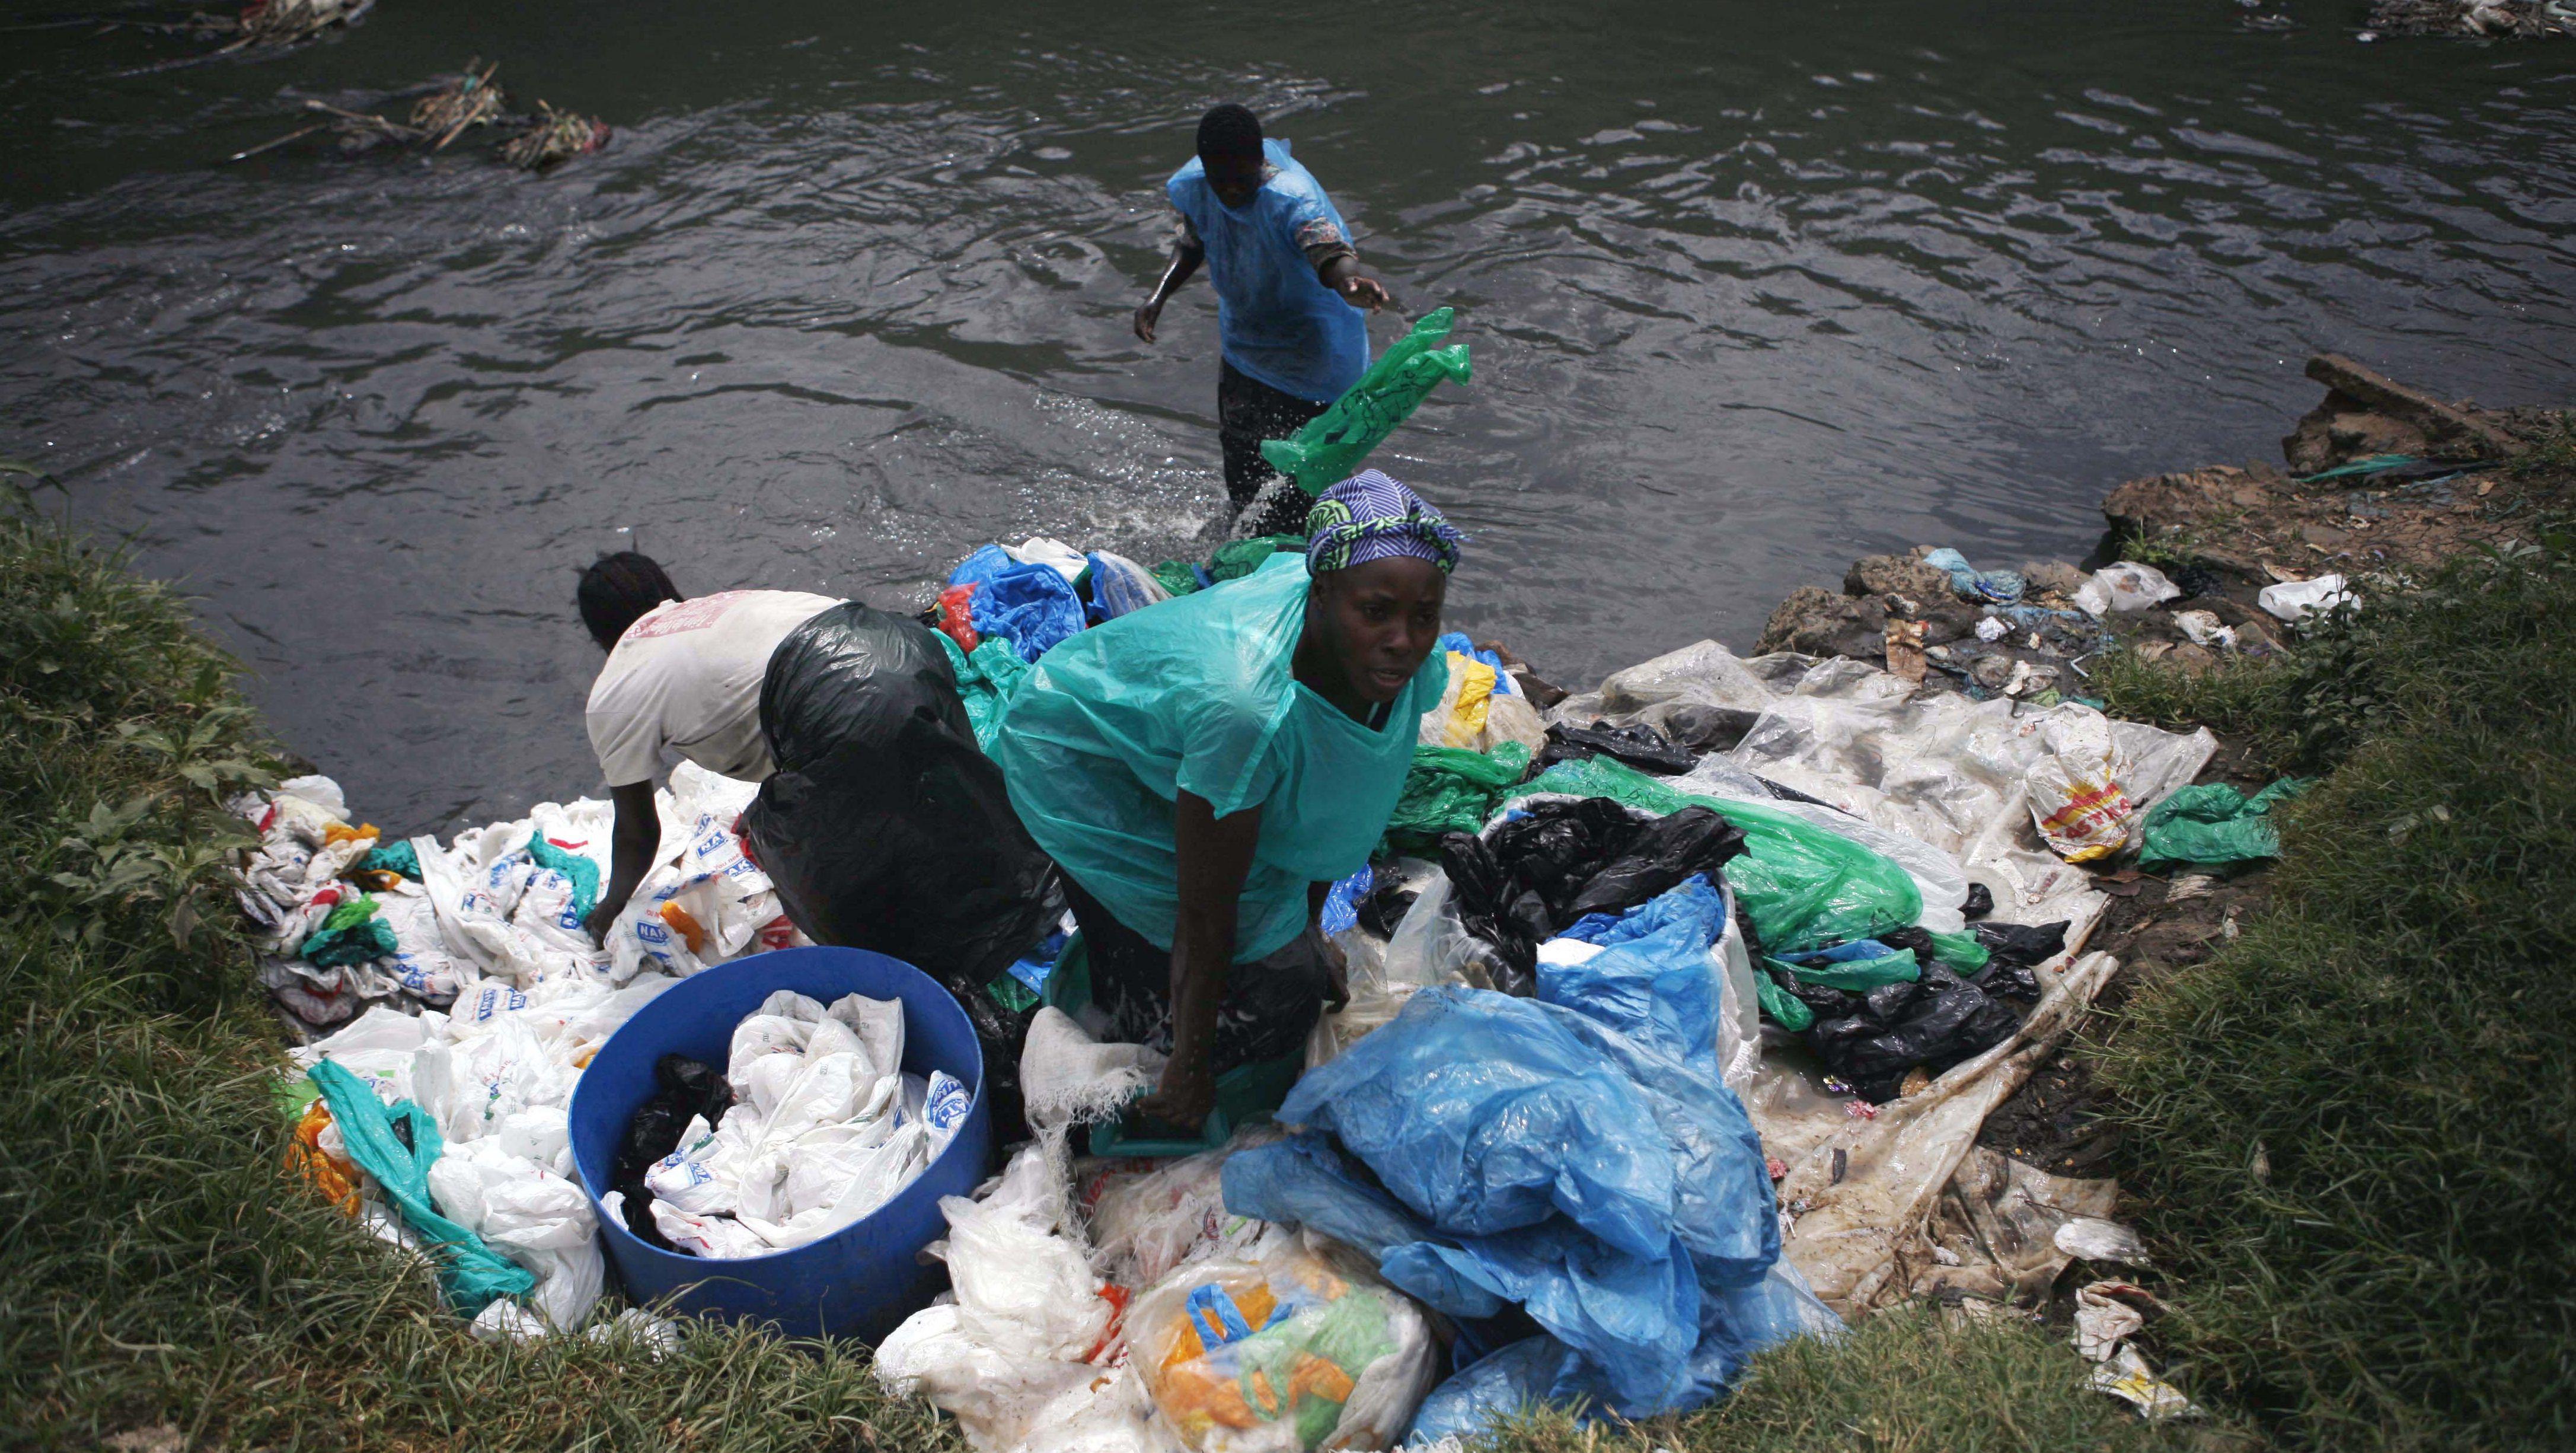 قوانین سخت کنیا برای ممنوعیت کیسه پلاستیکی